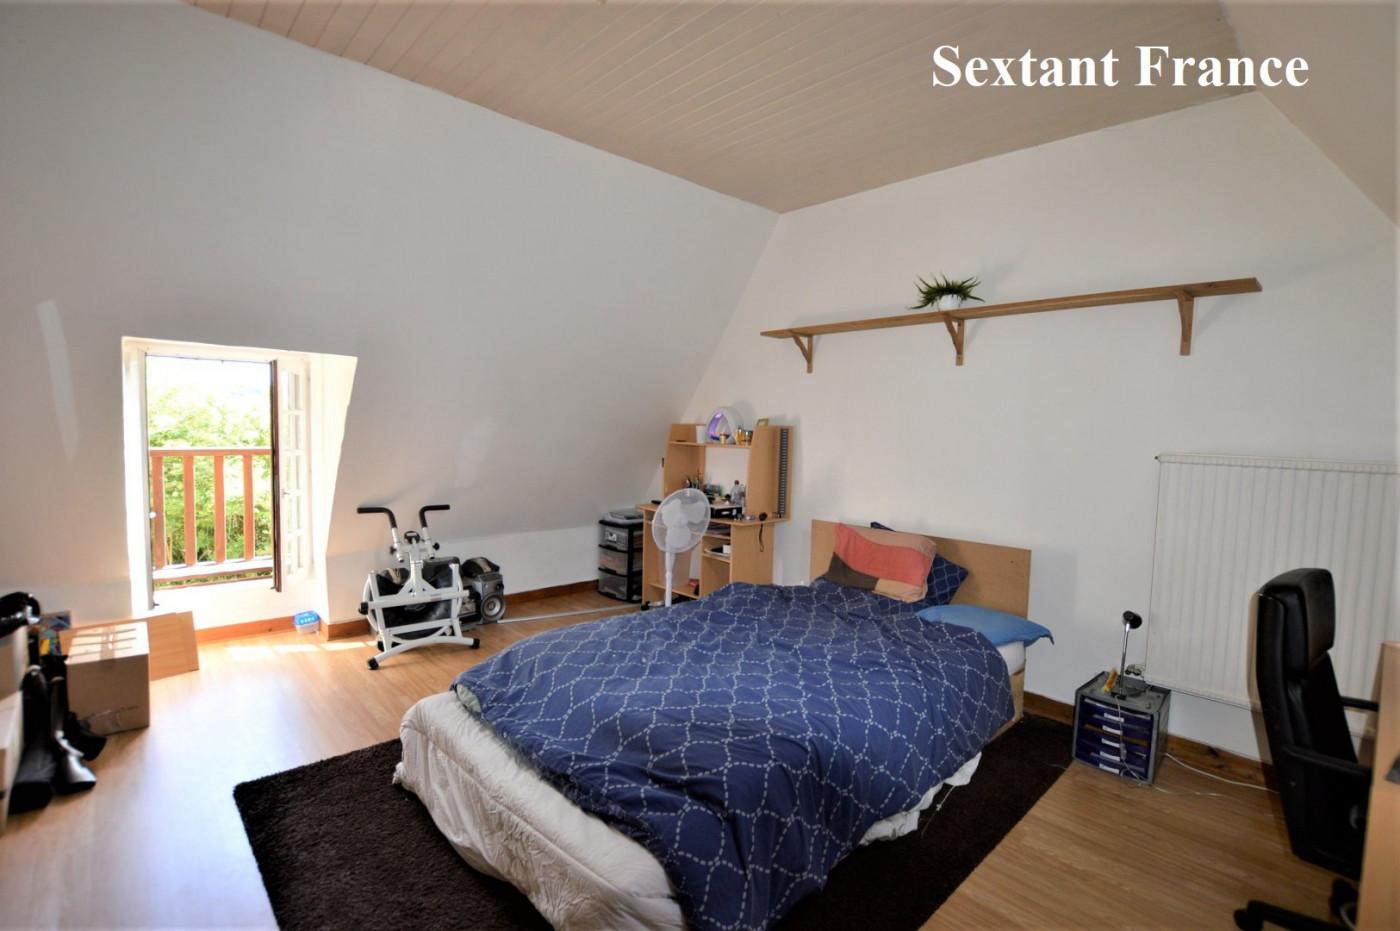 A vendre  Vimoutiers | Réf 75011102034 - Sextant france